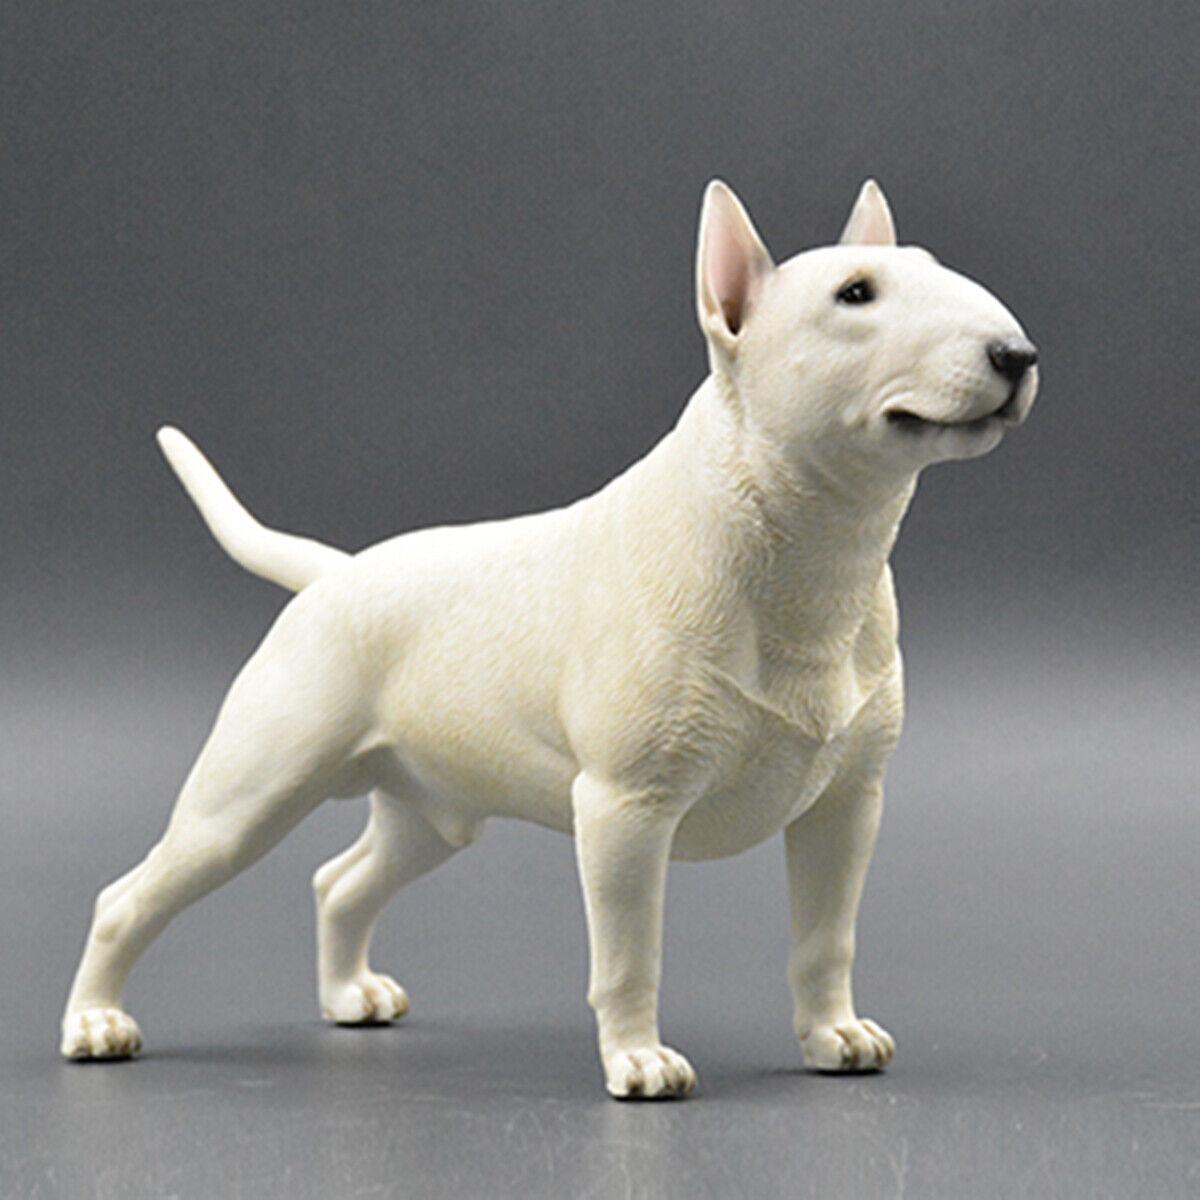 1 4 Bull Terrier Bulldog Perro Mascota figura blslterrier Modelo Animal Juguete de coleccionista